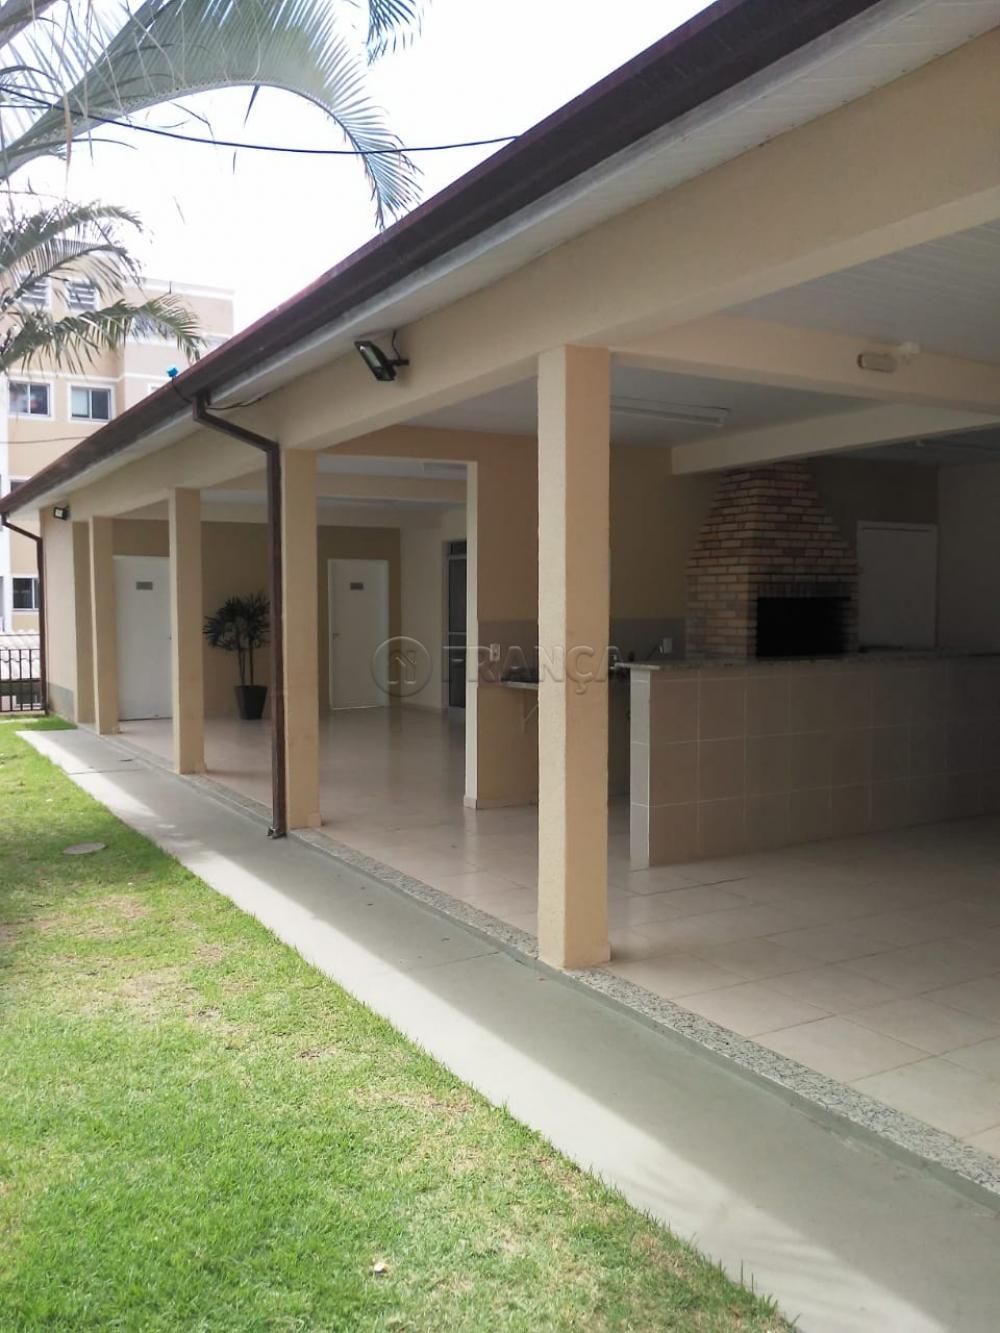 Comprar Apartamento / Padrão em Jacareí R$ 159.000,00 - Foto 14